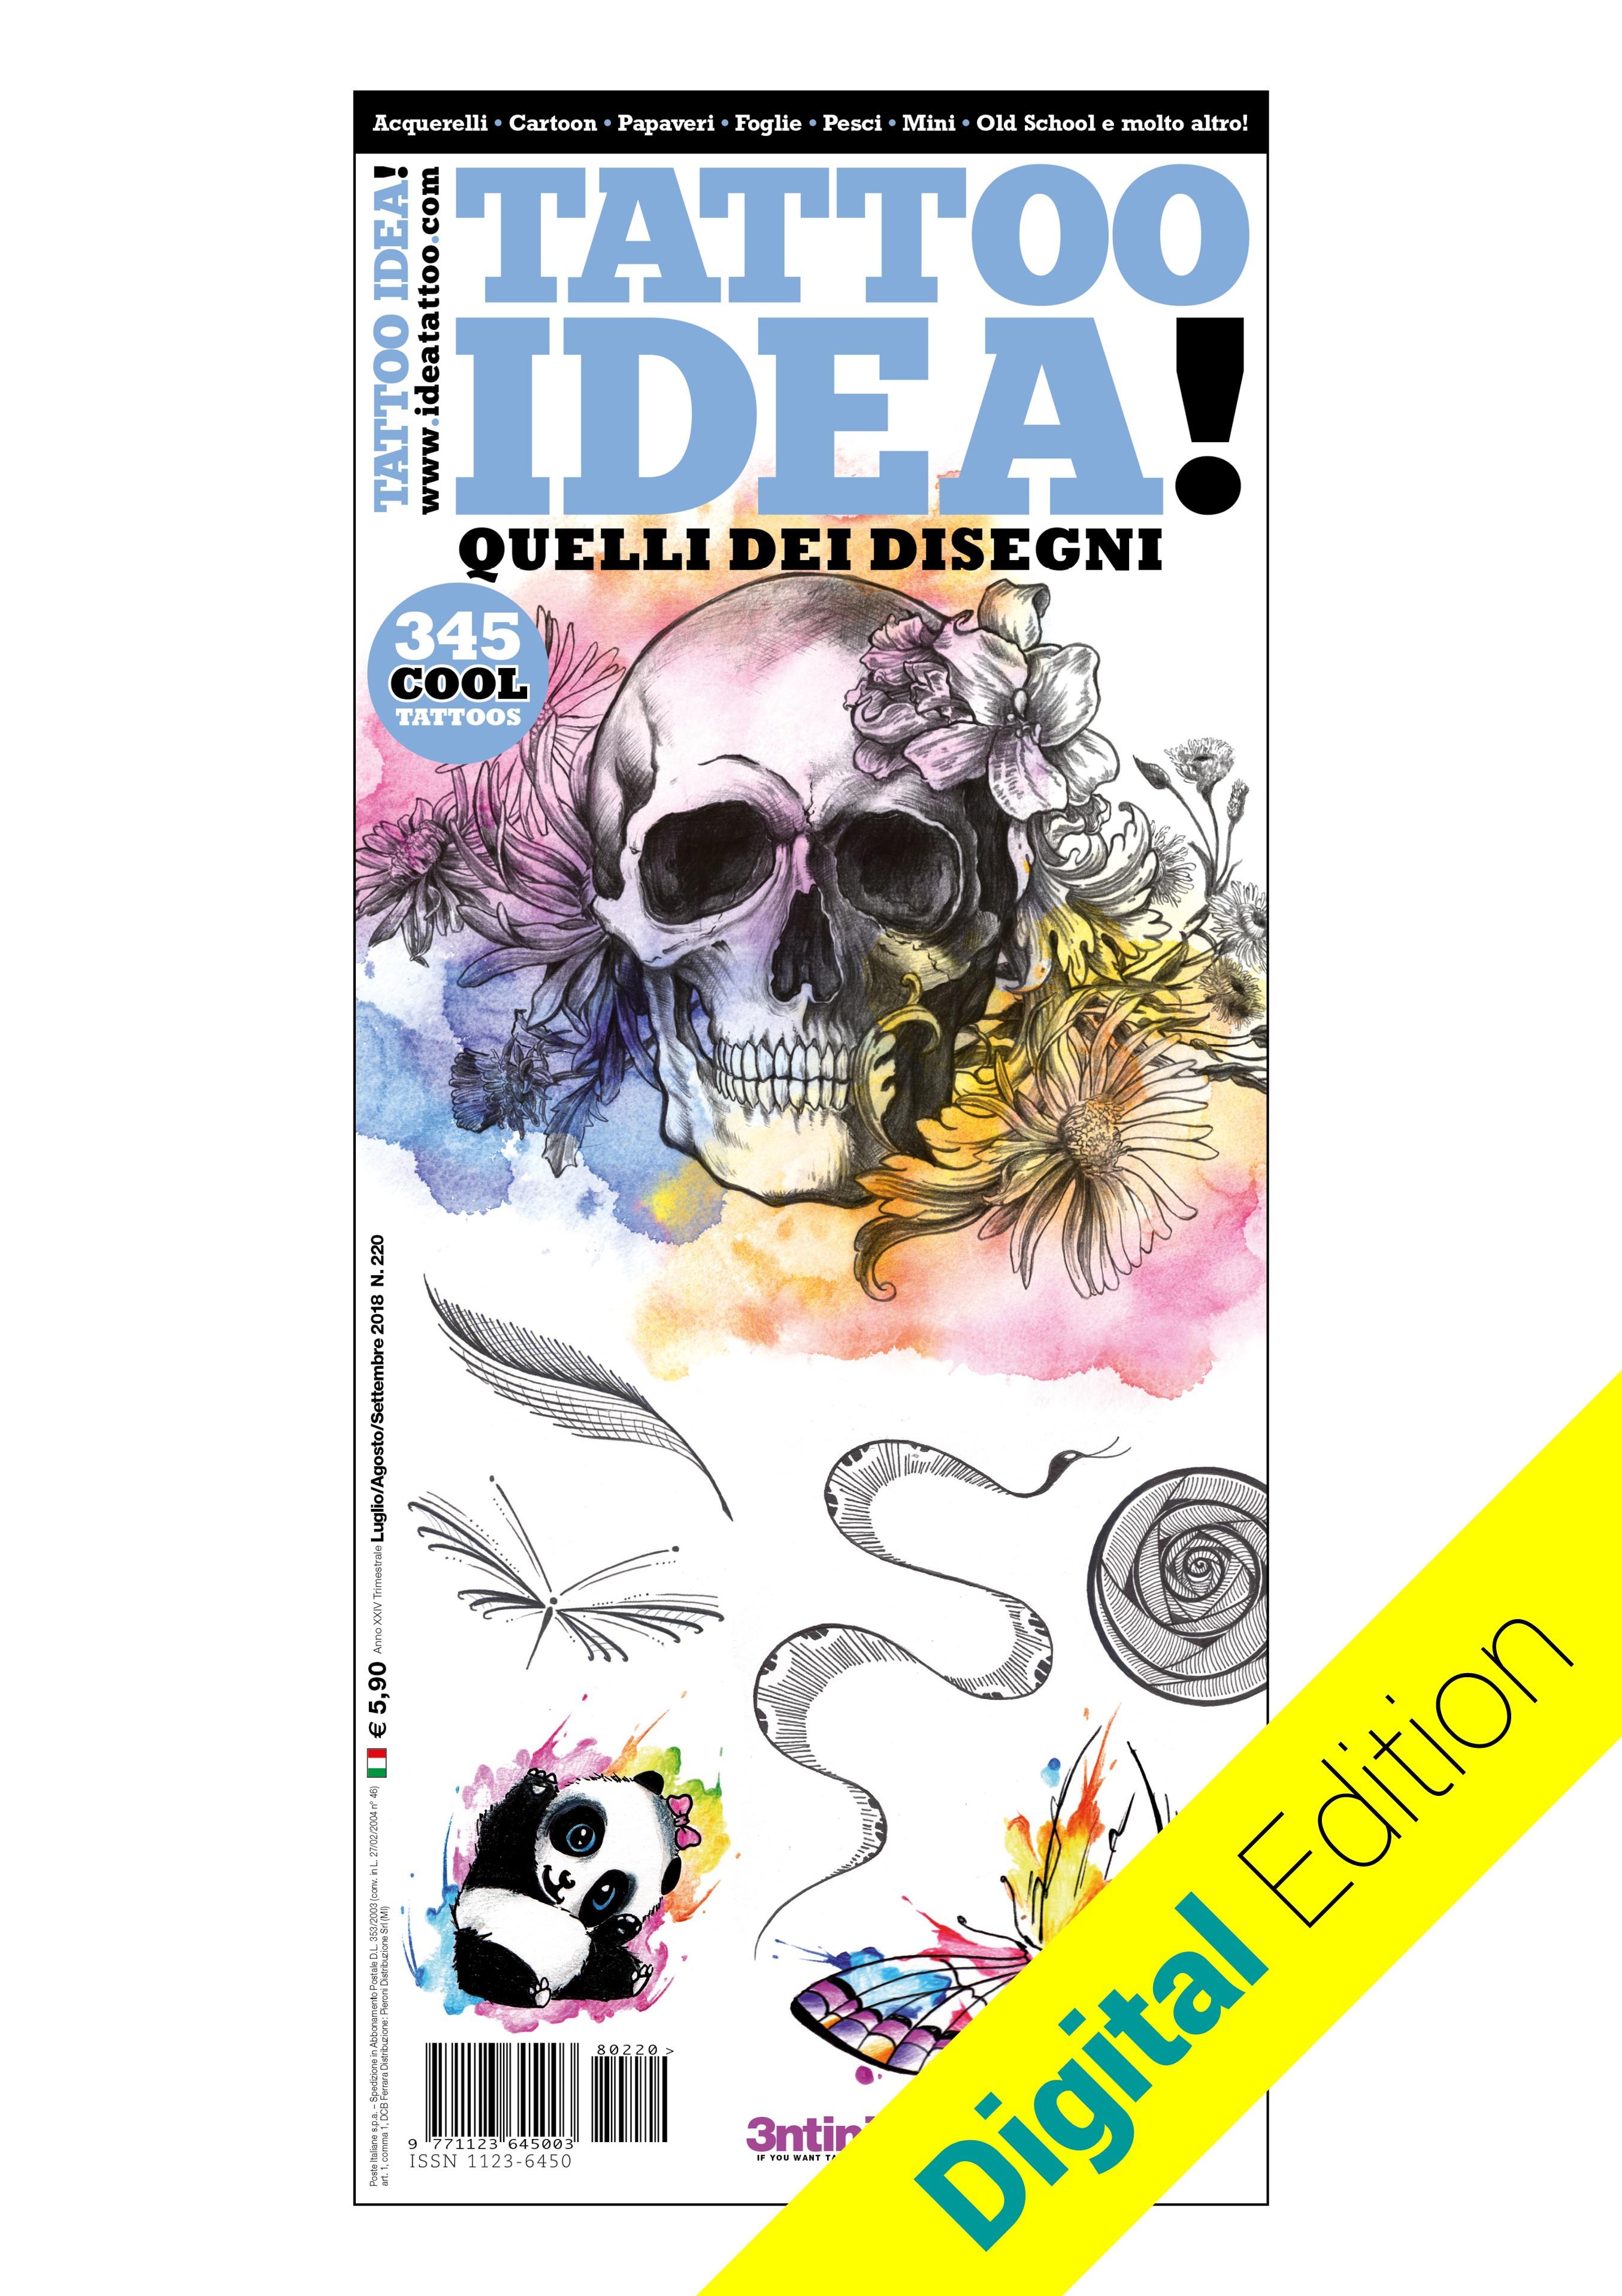 Idea Tattoo 220 Luglio/Agosto/Settembre 2018 [digital edition]